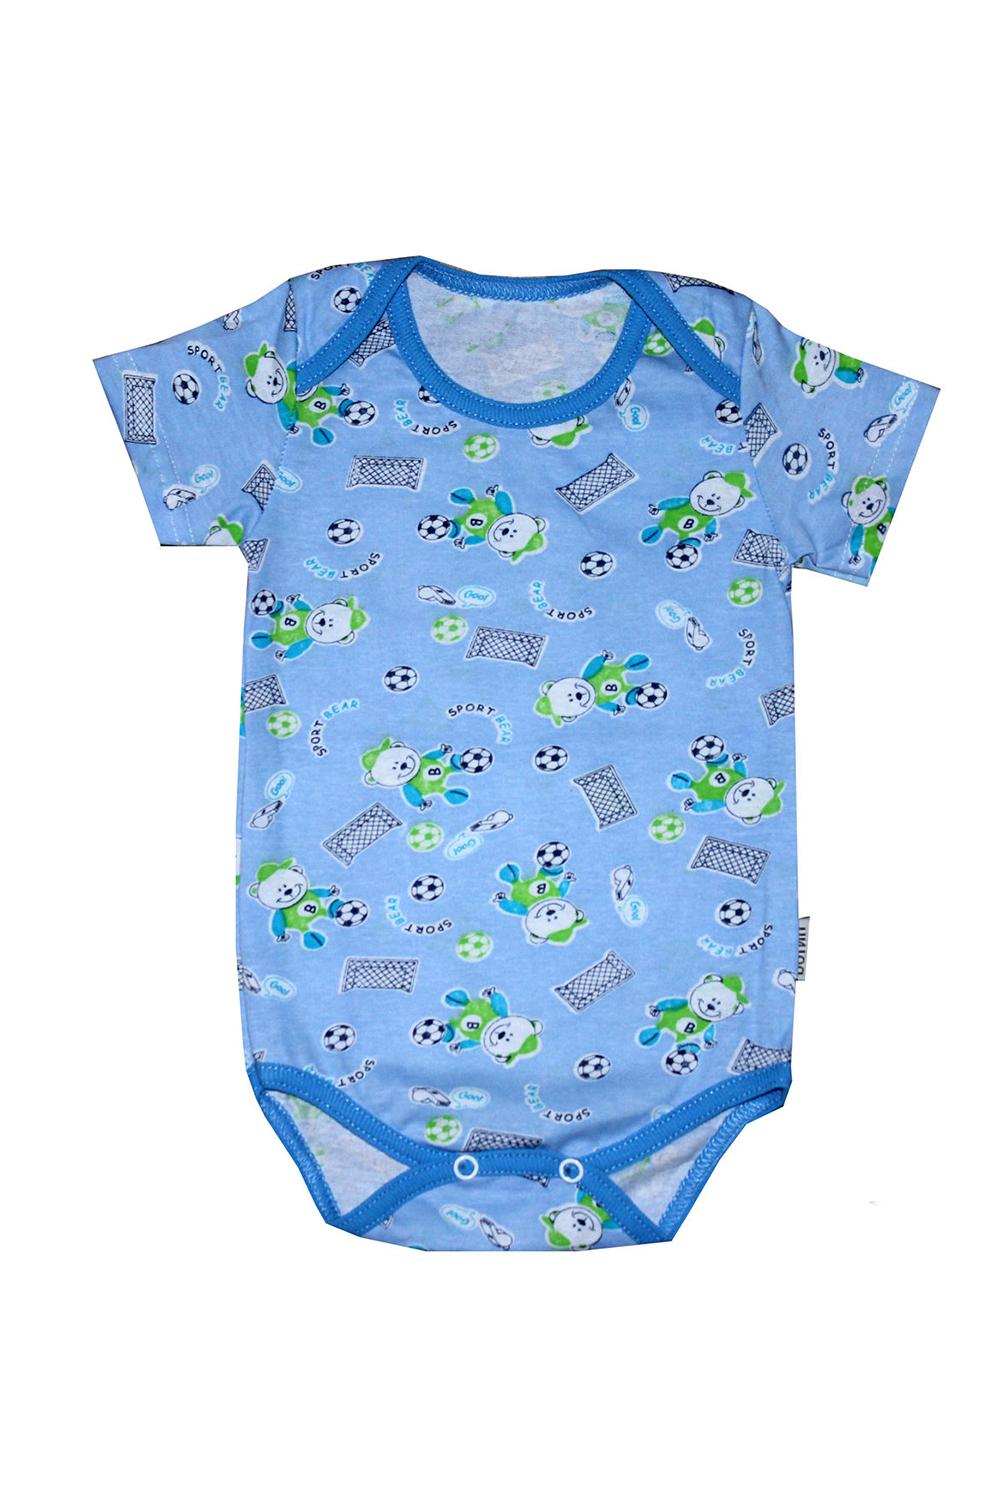 БодиКофточки<br>Хлопковое боди для новорожденного  В изделии использованы цвета: голубой и др.  Размер соответствует росту ребенка.<br><br>По сезону: Всесезон<br>Размер : 68,74<br>Материал: Хлопок<br>Количество в наличии: 2